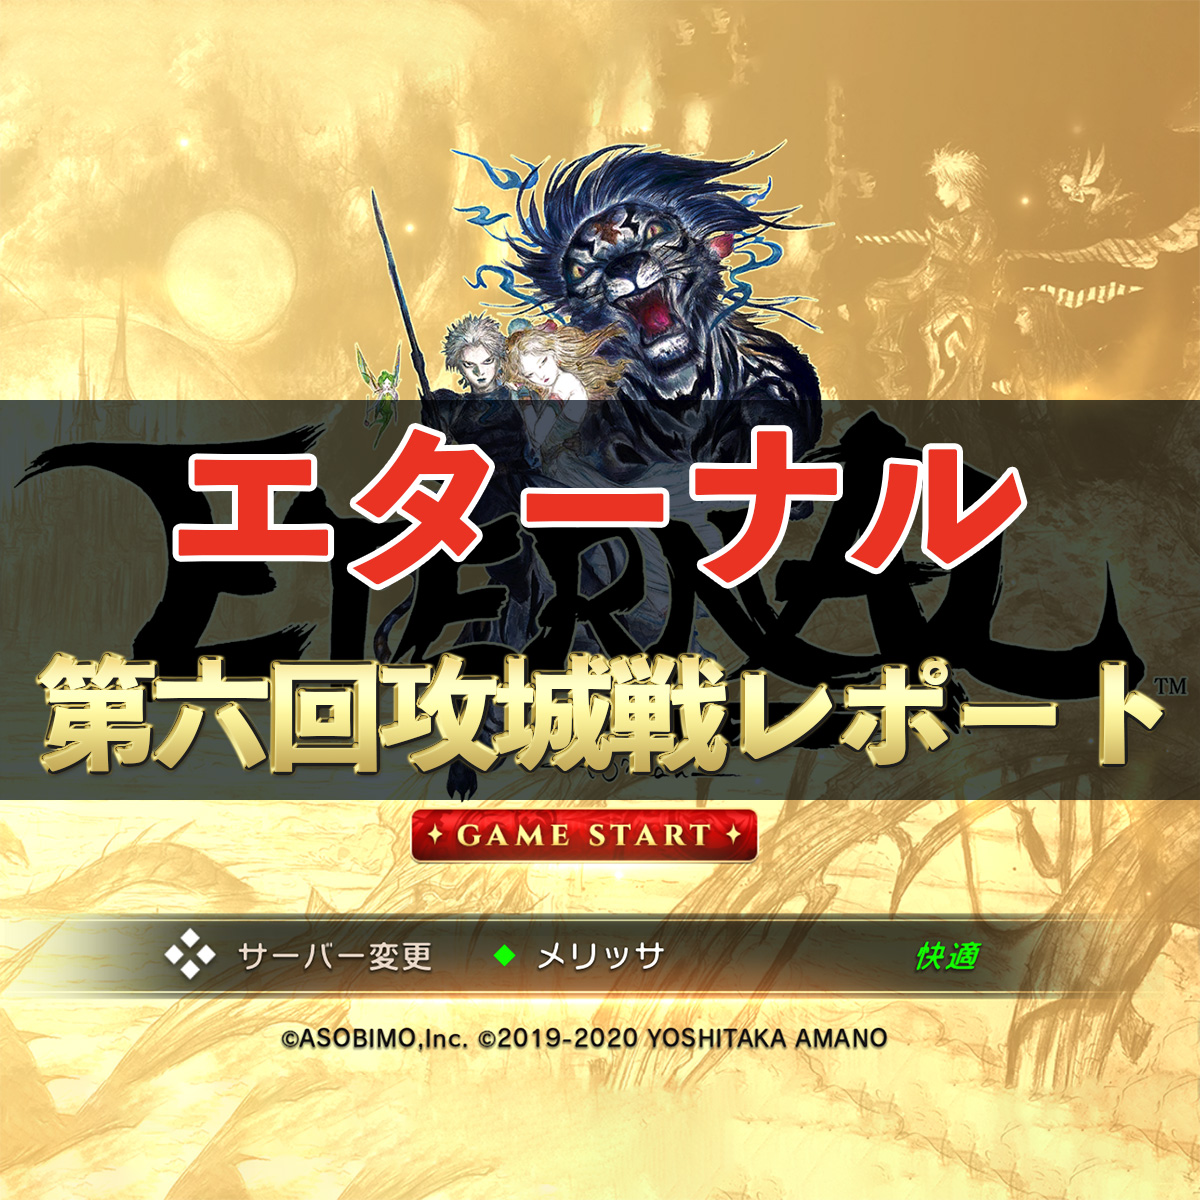 【エターナル】PLD48にガンナーで 第六回攻城戦参戦レポート